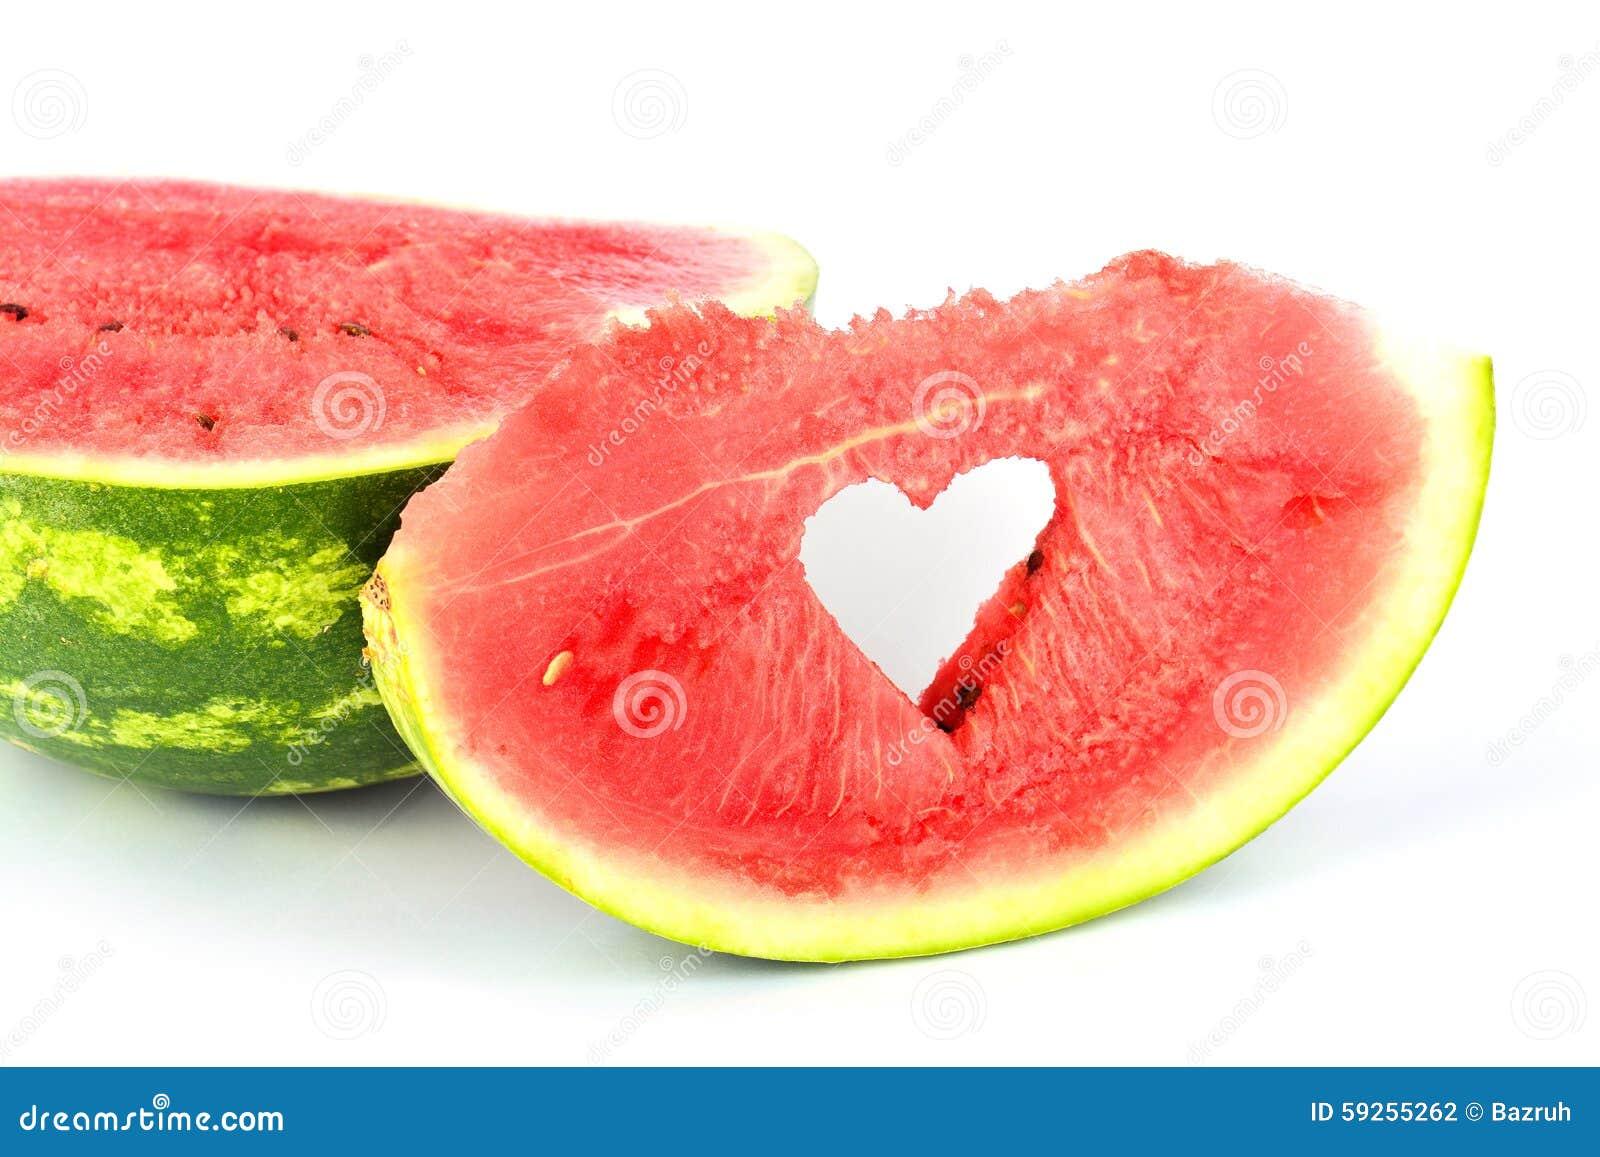 wassermelone stockfoto bild von gestreift kreuz fleischig 59255262. Black Bedroom Furniture Sets. Home Design Ideas